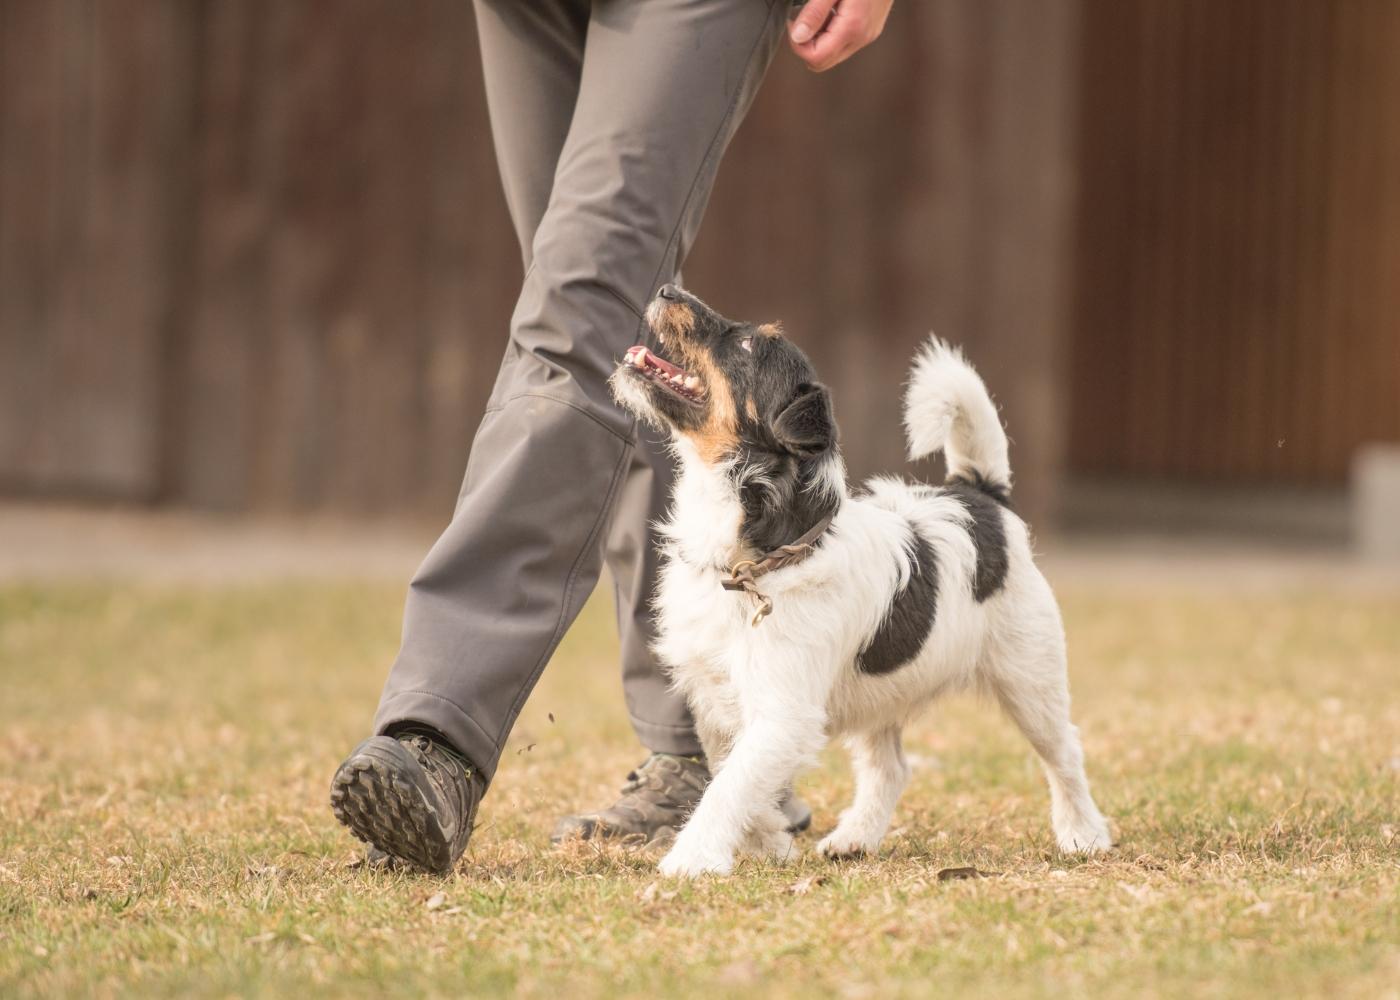 cão a andar a par do dono no parque